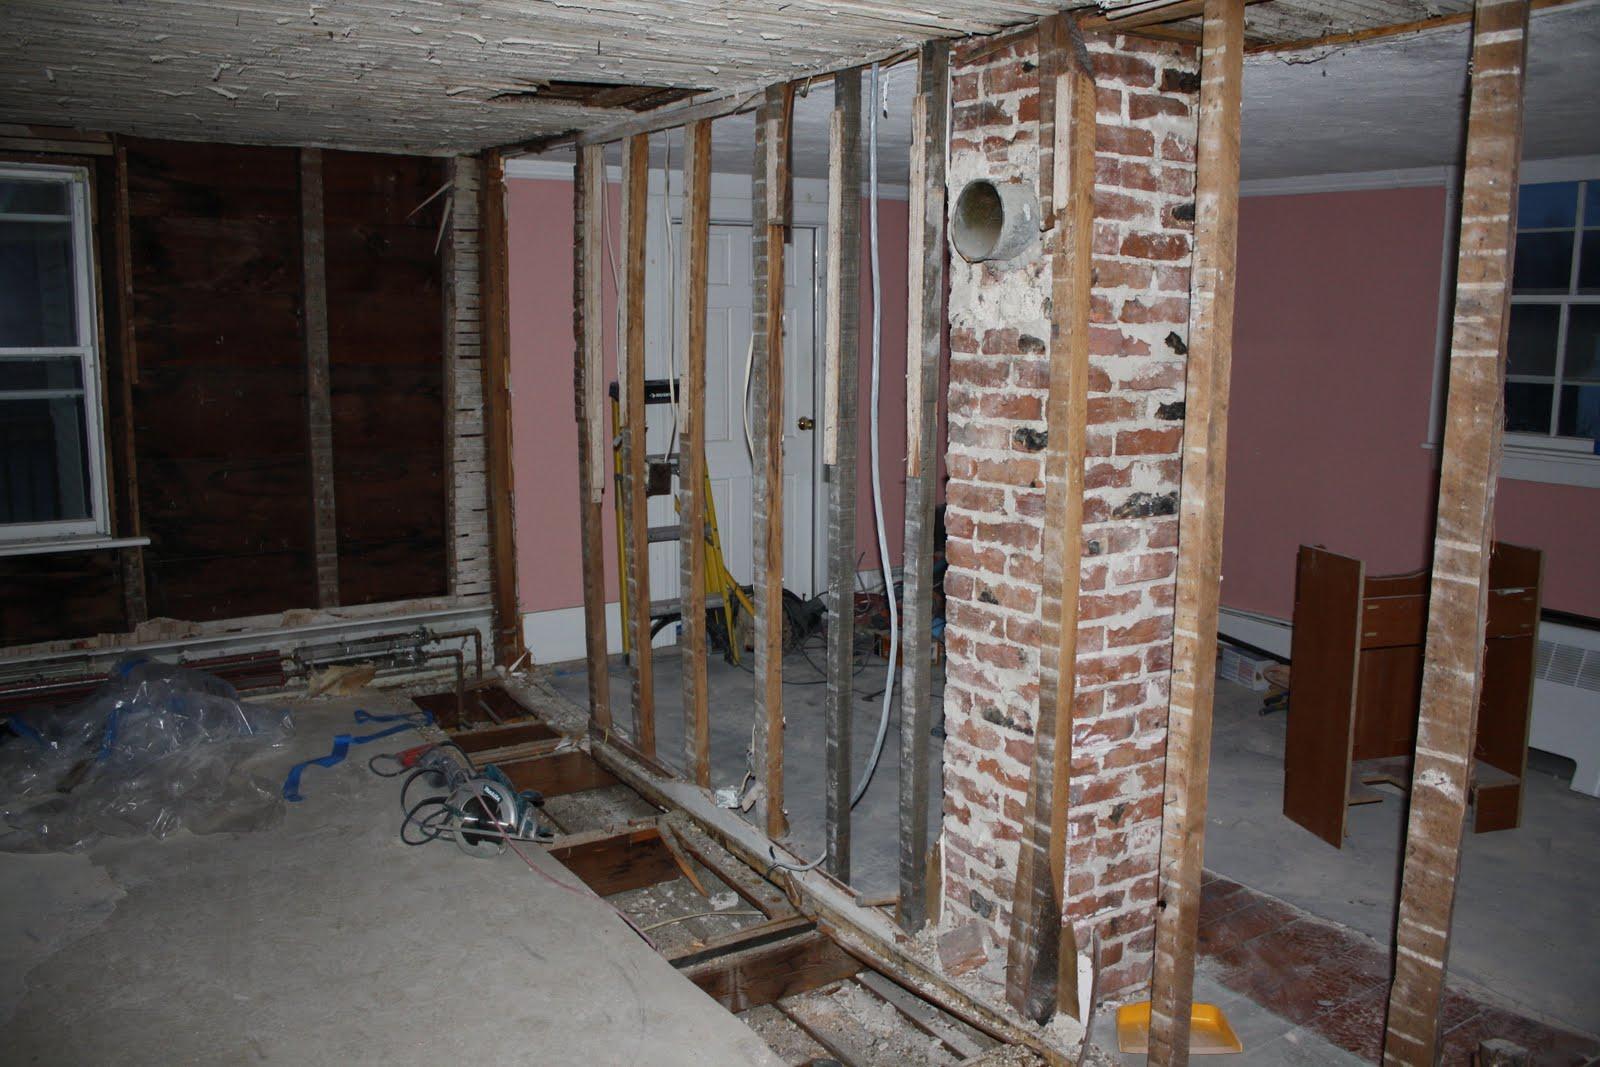 Remarkable Old House Renovation 1600 x 1067 · 216 kB · jpeg